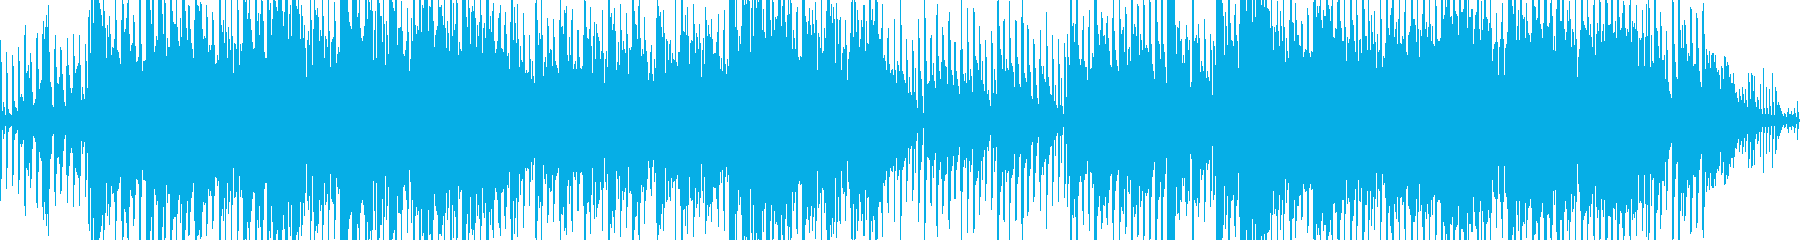 テンポの良い勇壮な曲の再生済みの波形